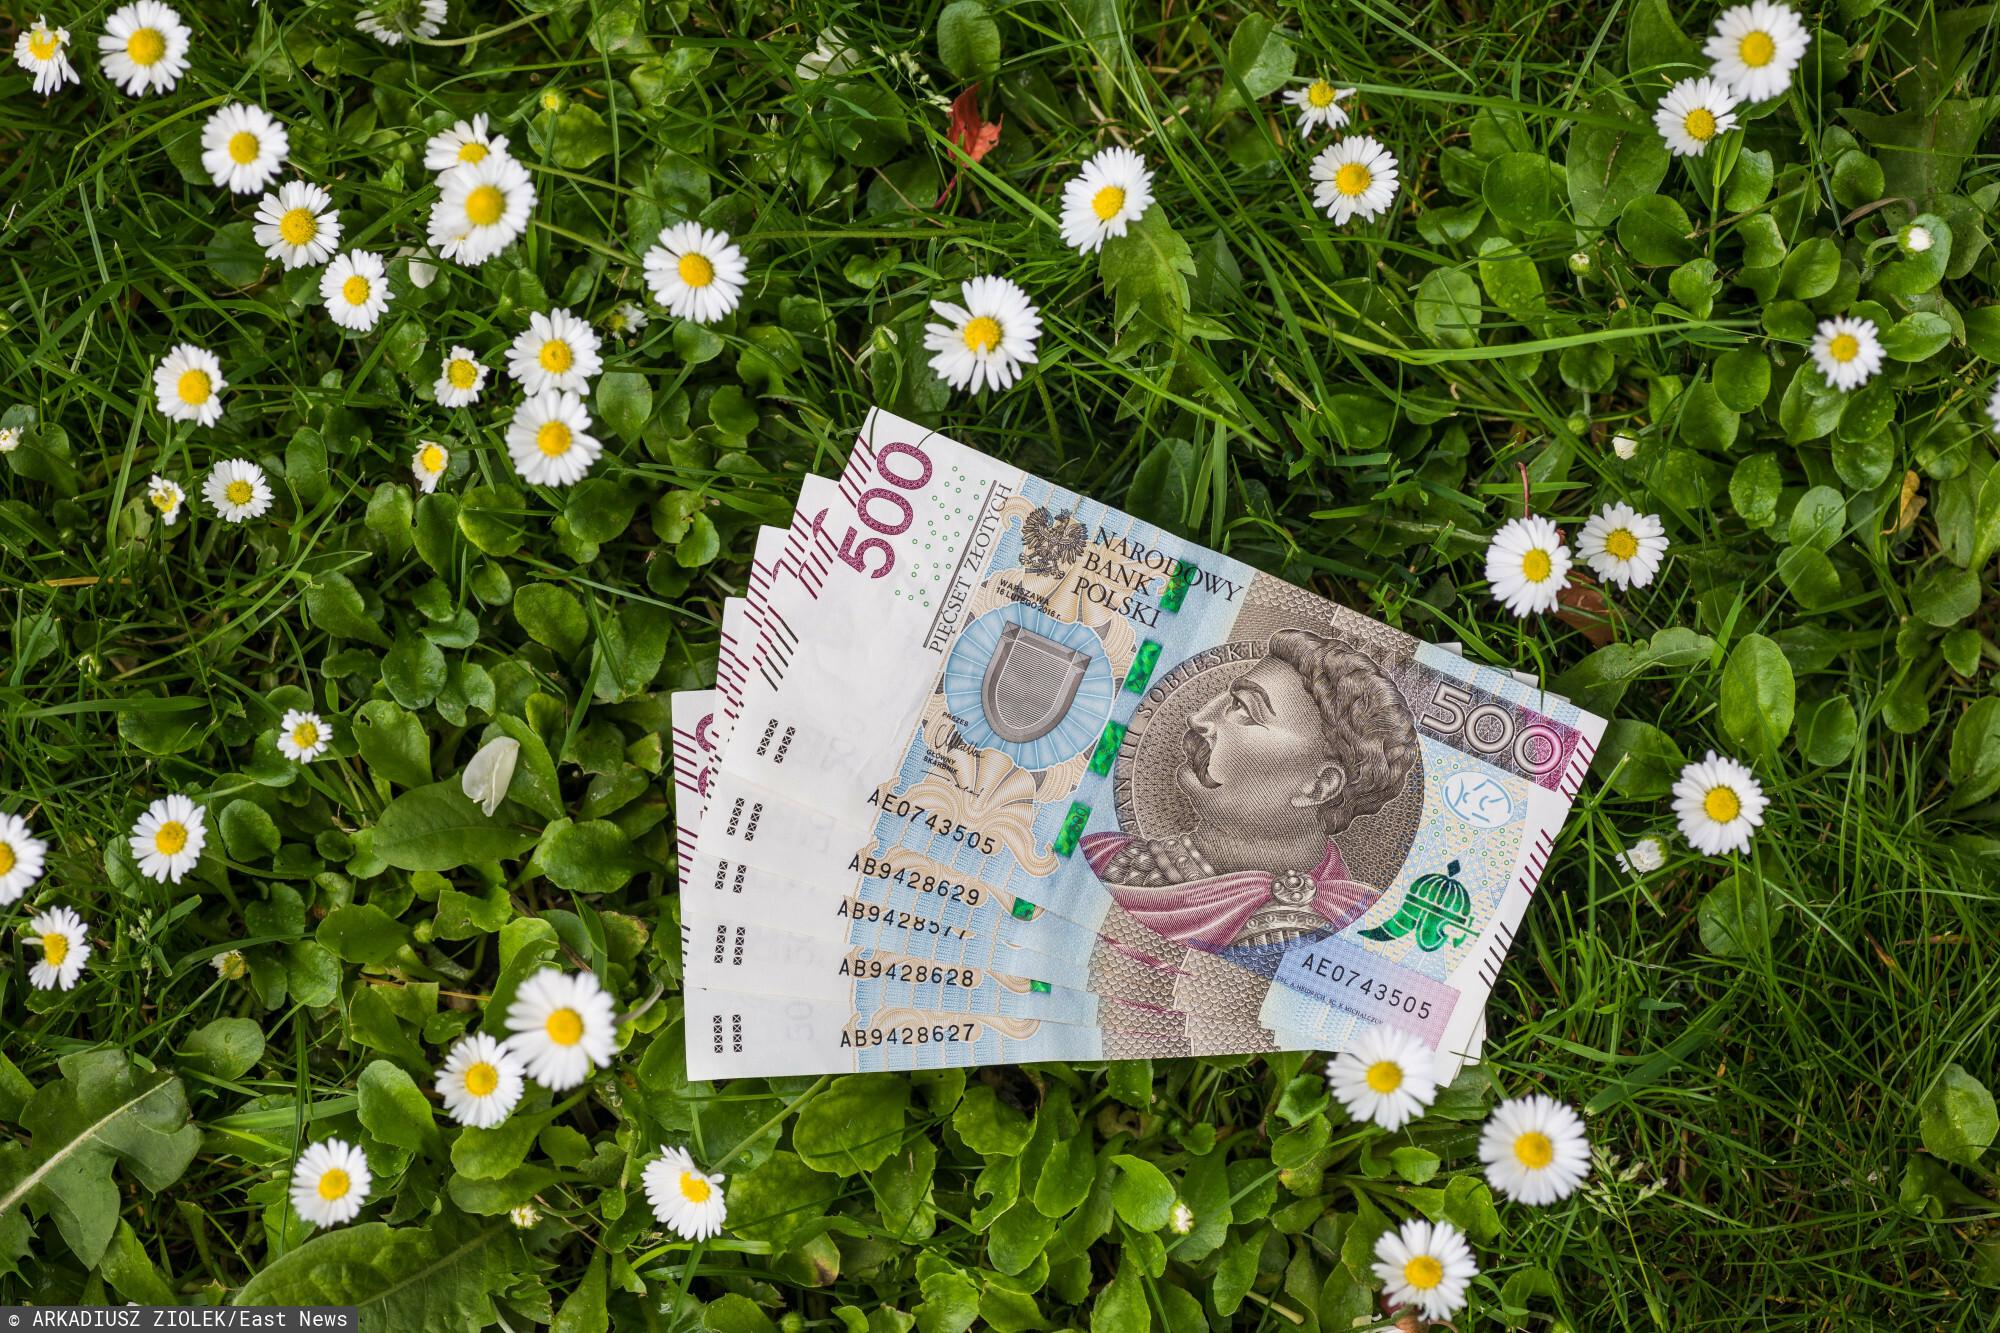 fot: Arkadiusz Ziolek/ East News. 04.05.2020. n/z Polskie banknoty w trawie.